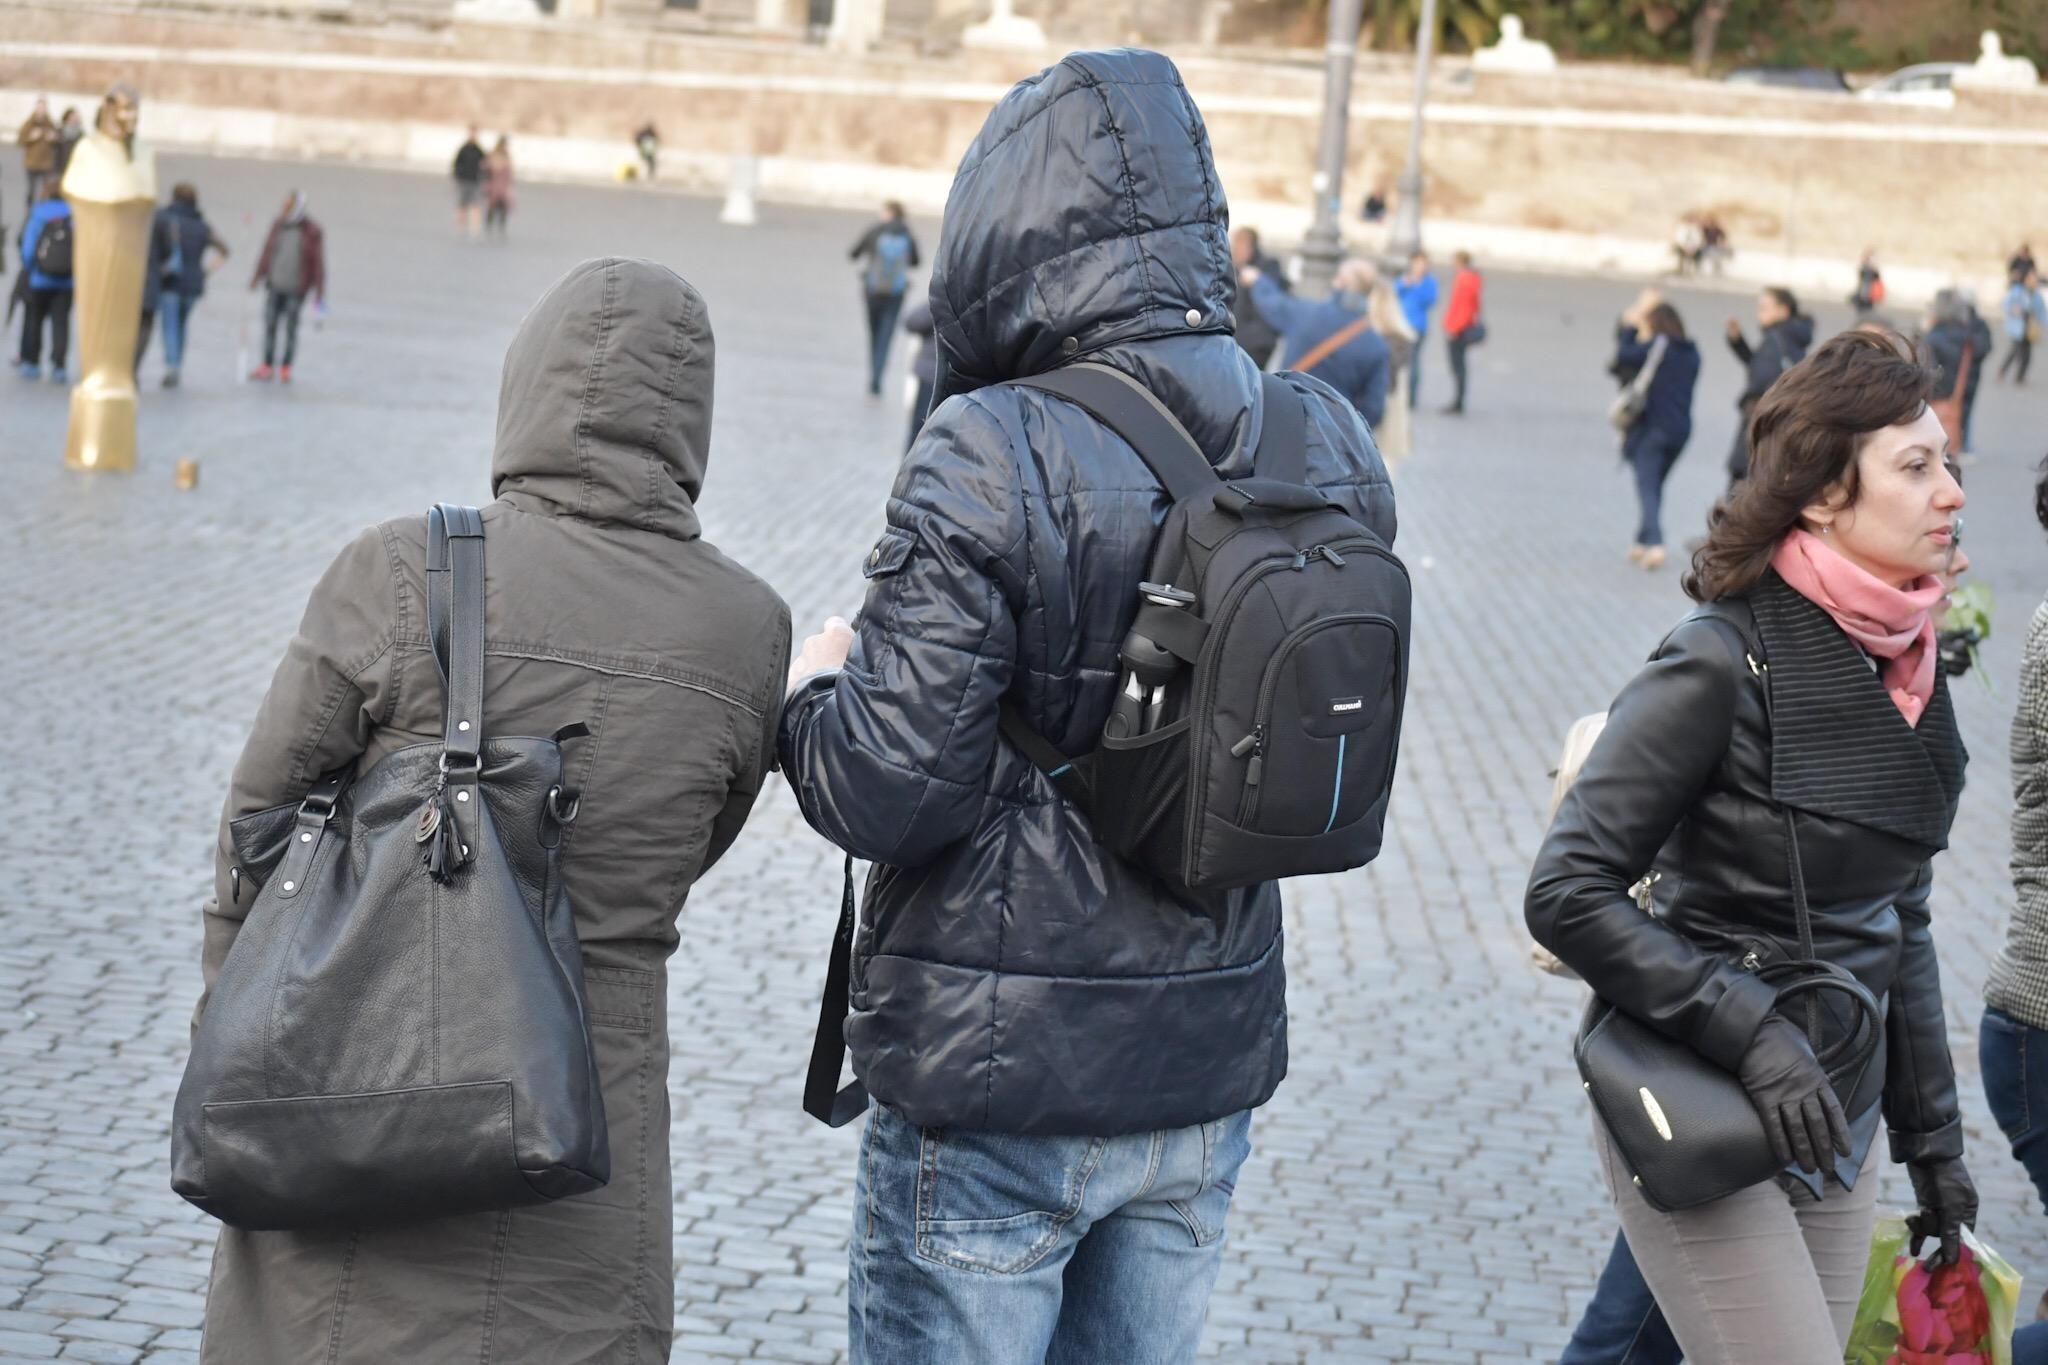 Il Freddo Quando Arriva previsioni meteo roma e lazio martedì 10 dicembre: arriva il